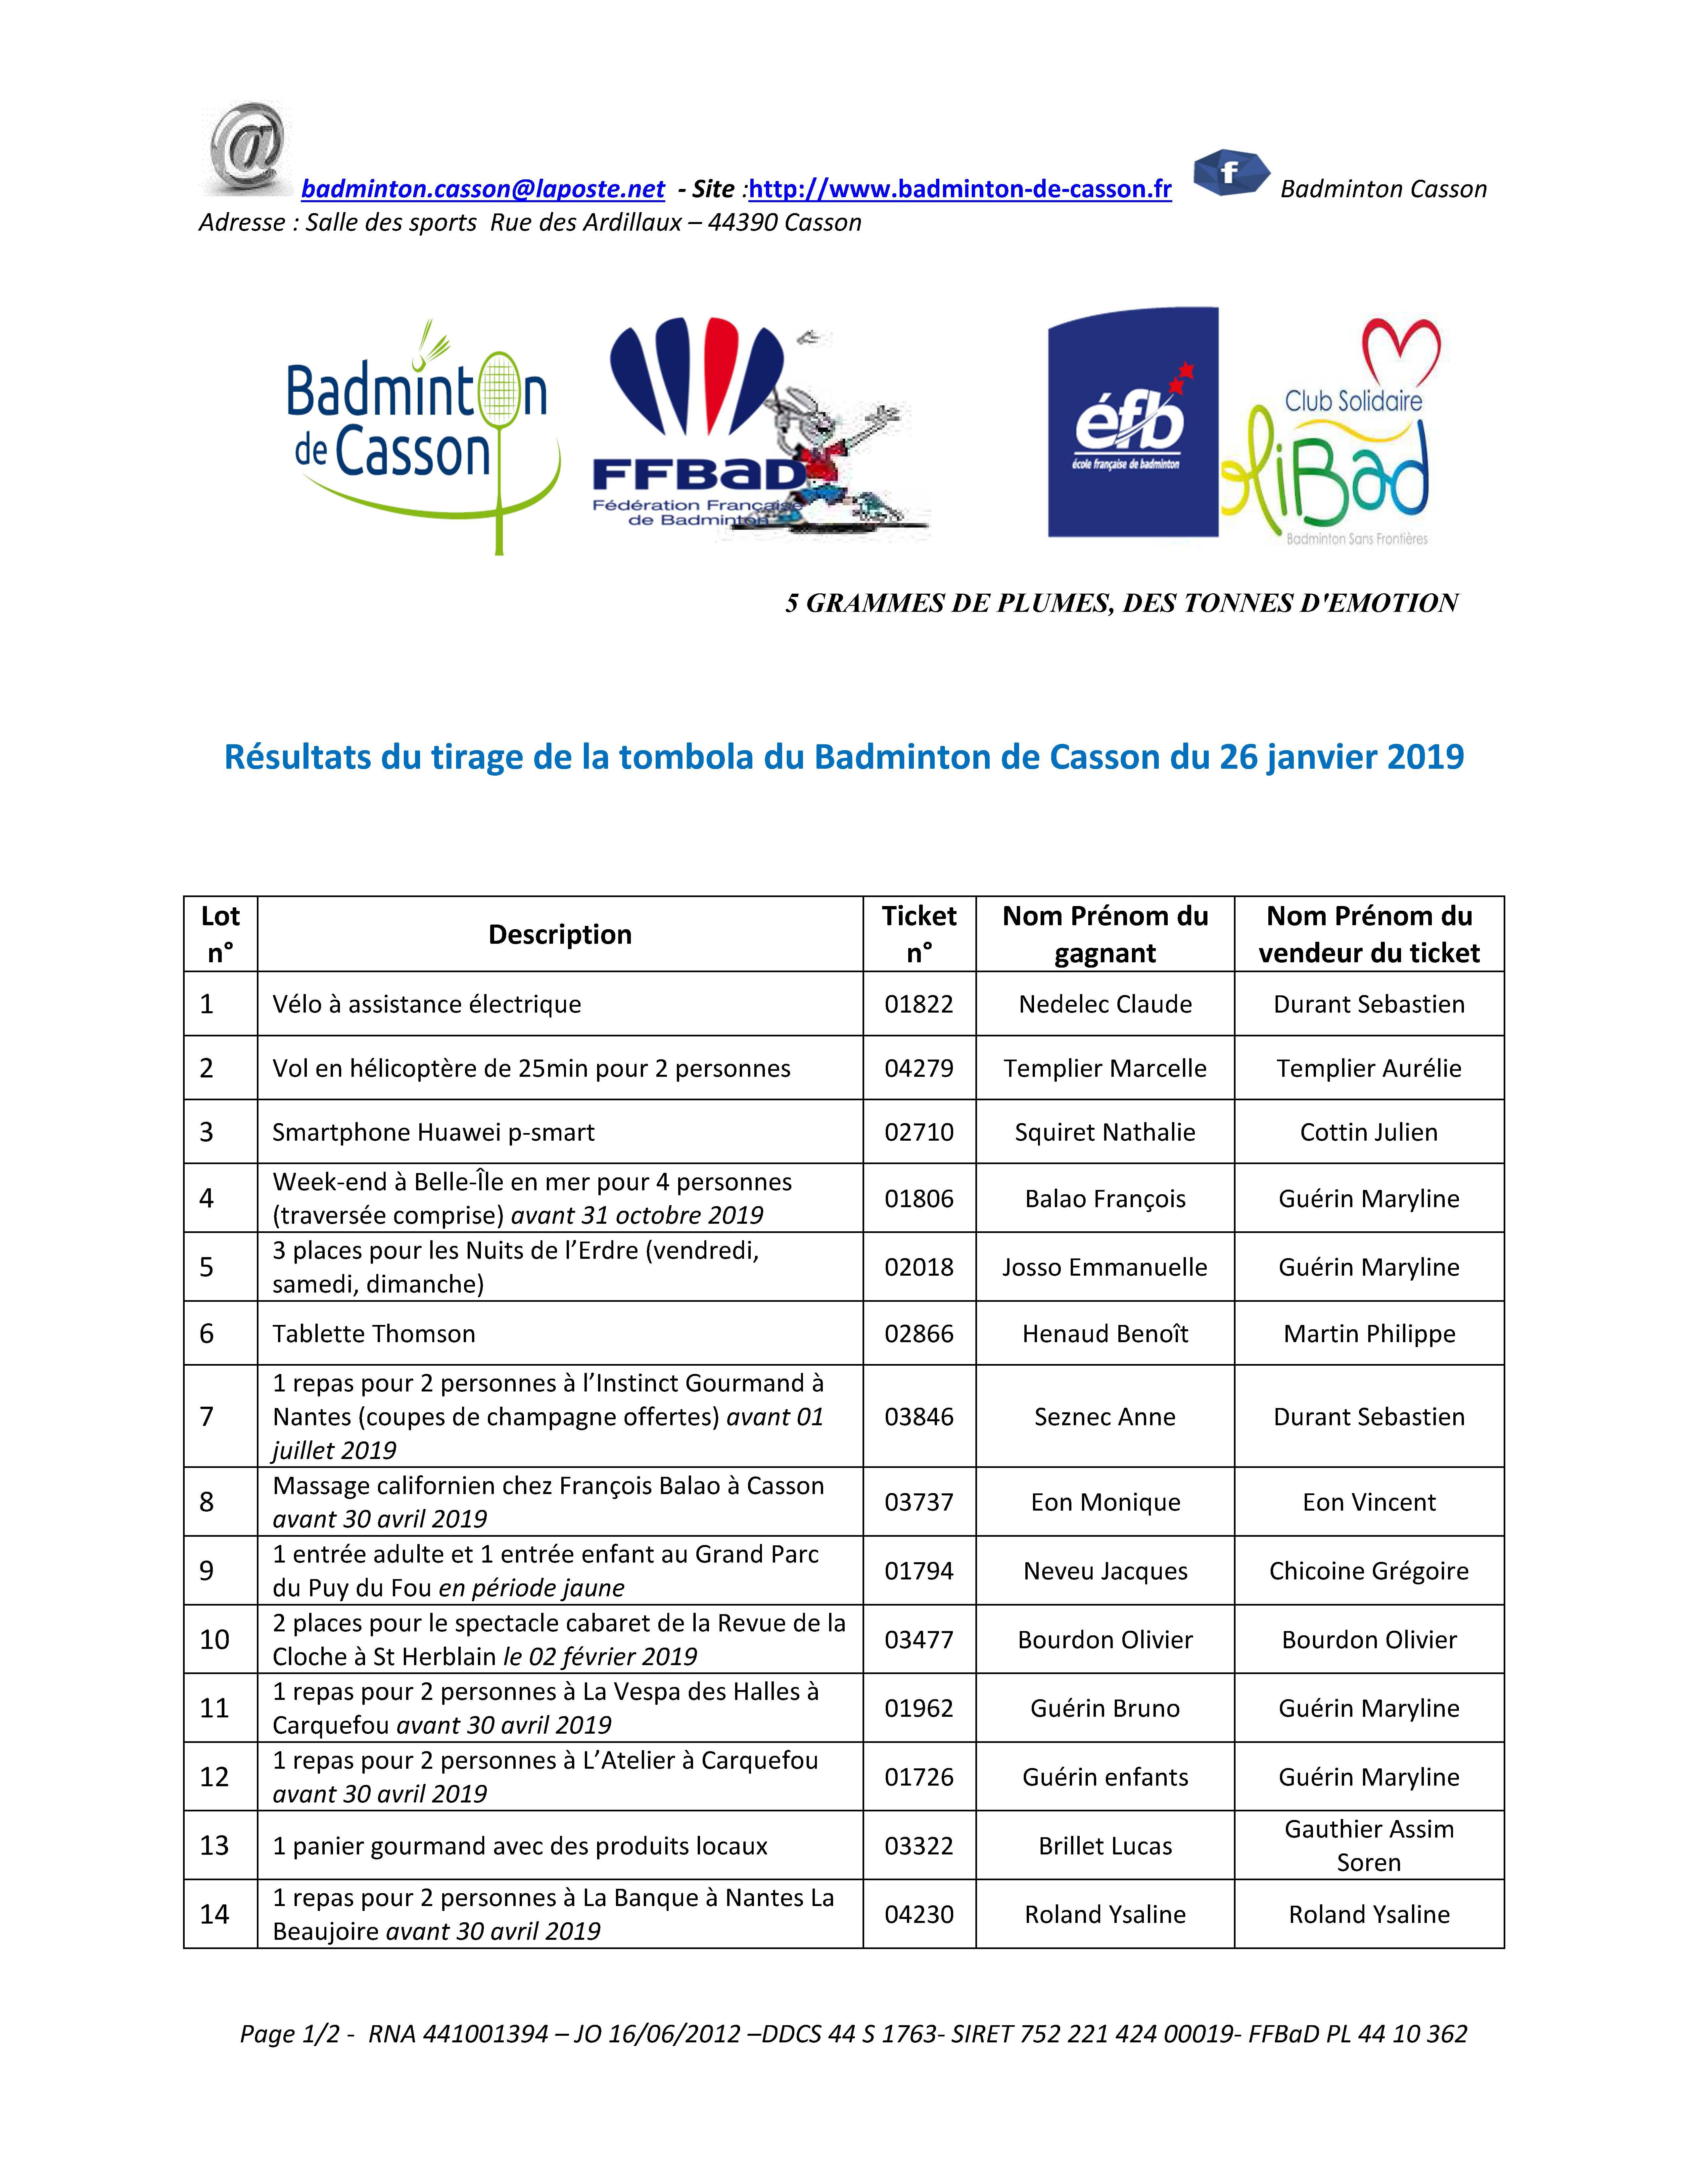 Résultats du tirage de la tombola du Badminton de Casson du 26 janvier 2019 (1)_Page_1